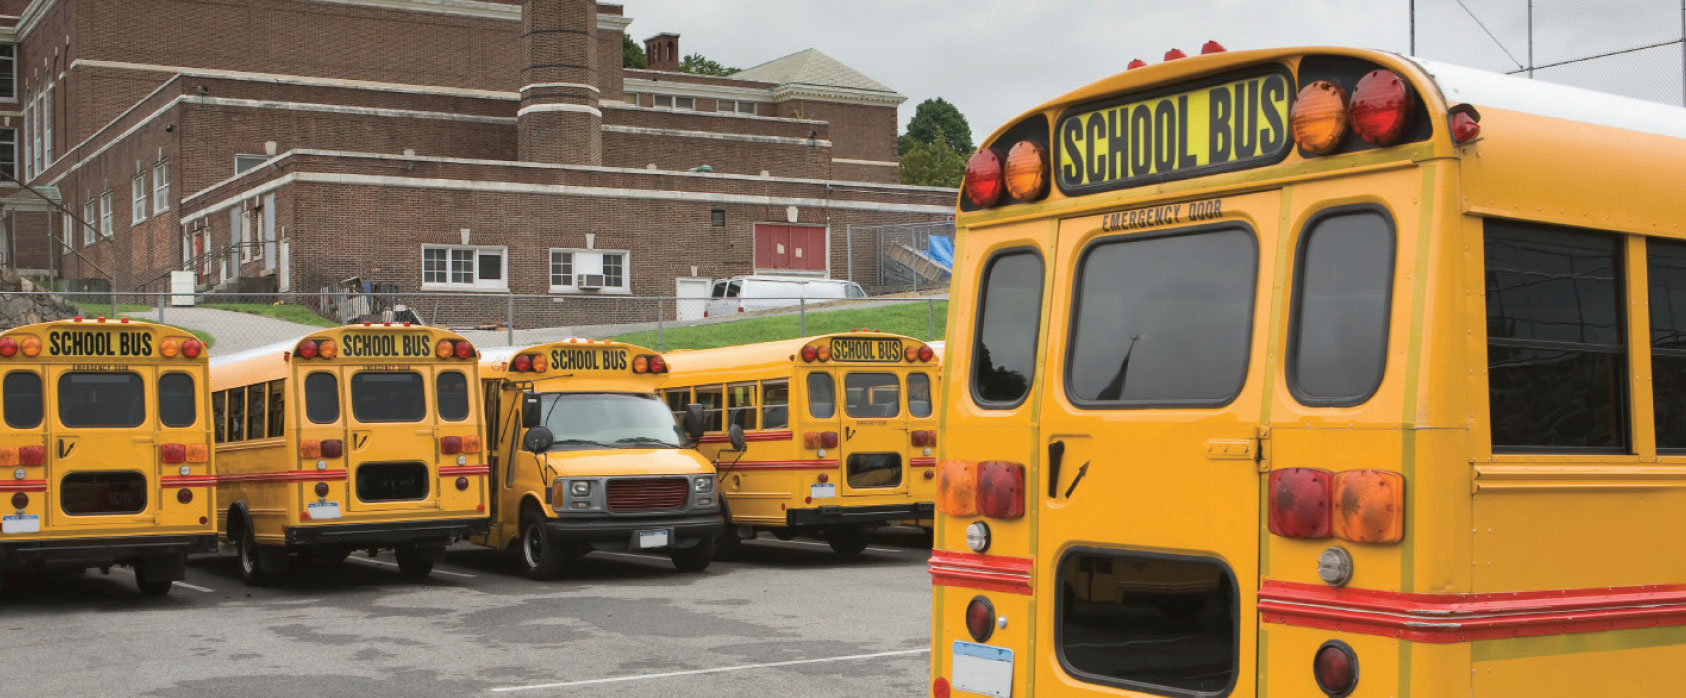 school bus photo